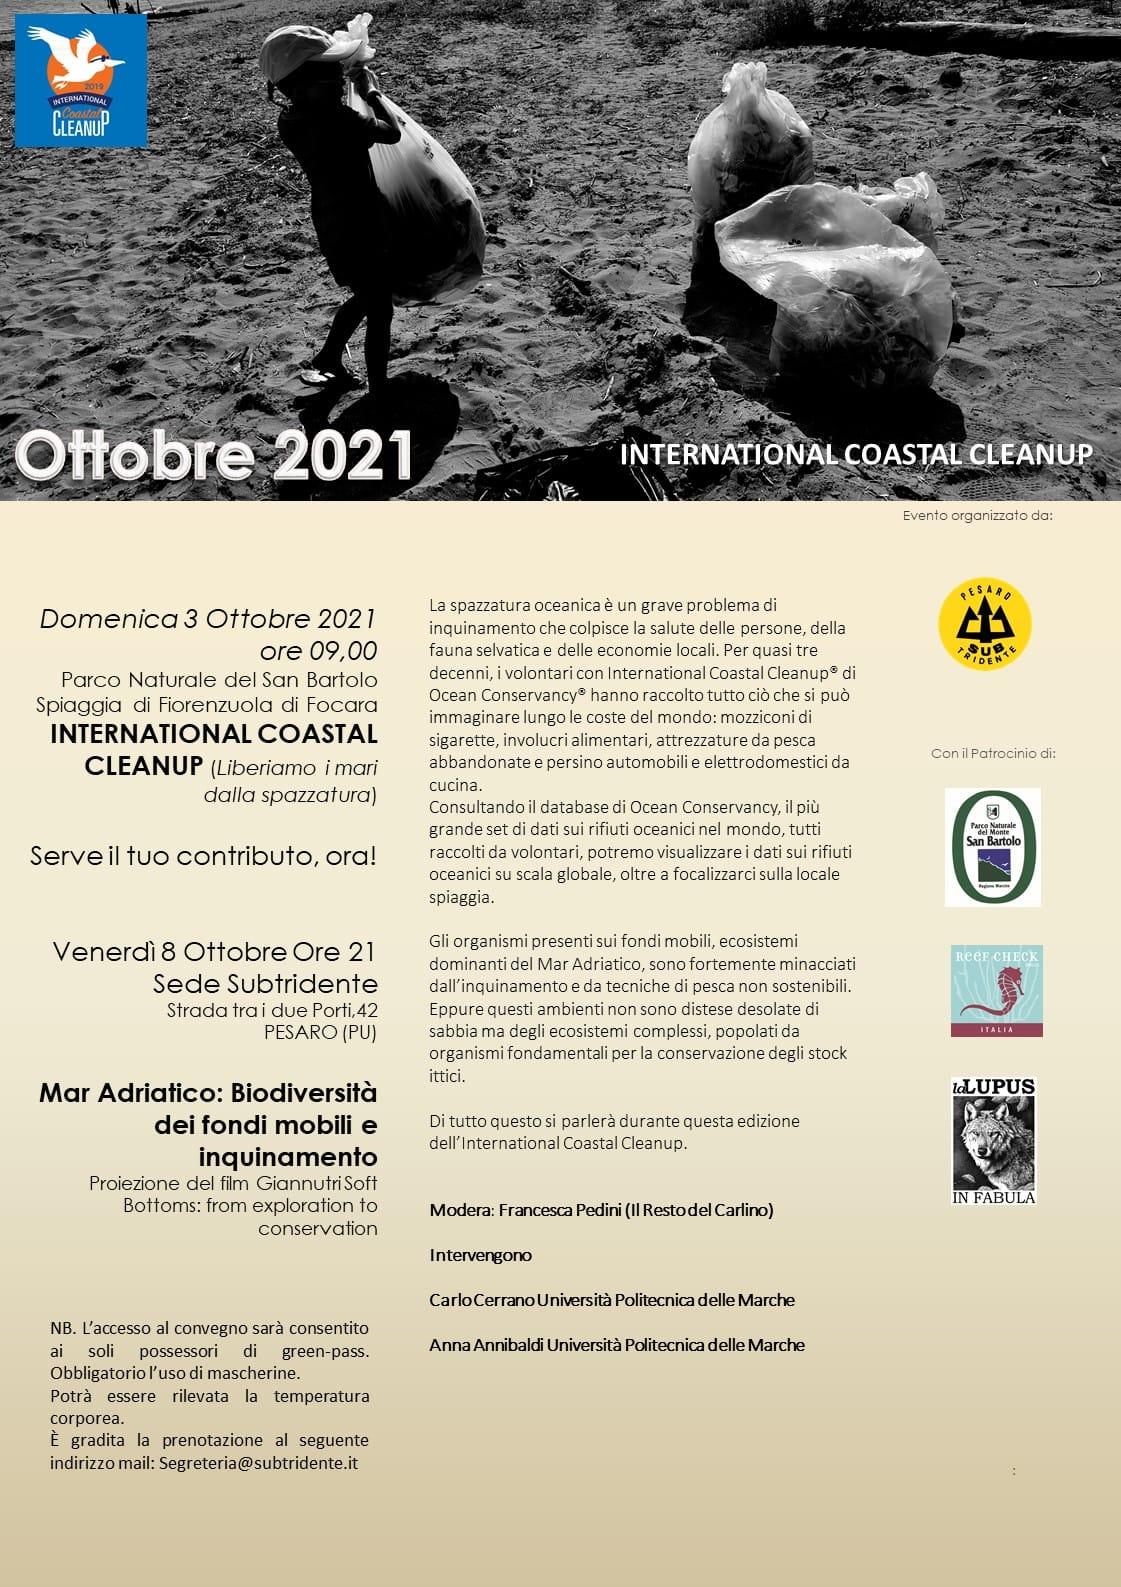 Mare Adriatico: biodiversità dei fondi mobili e inquinamento